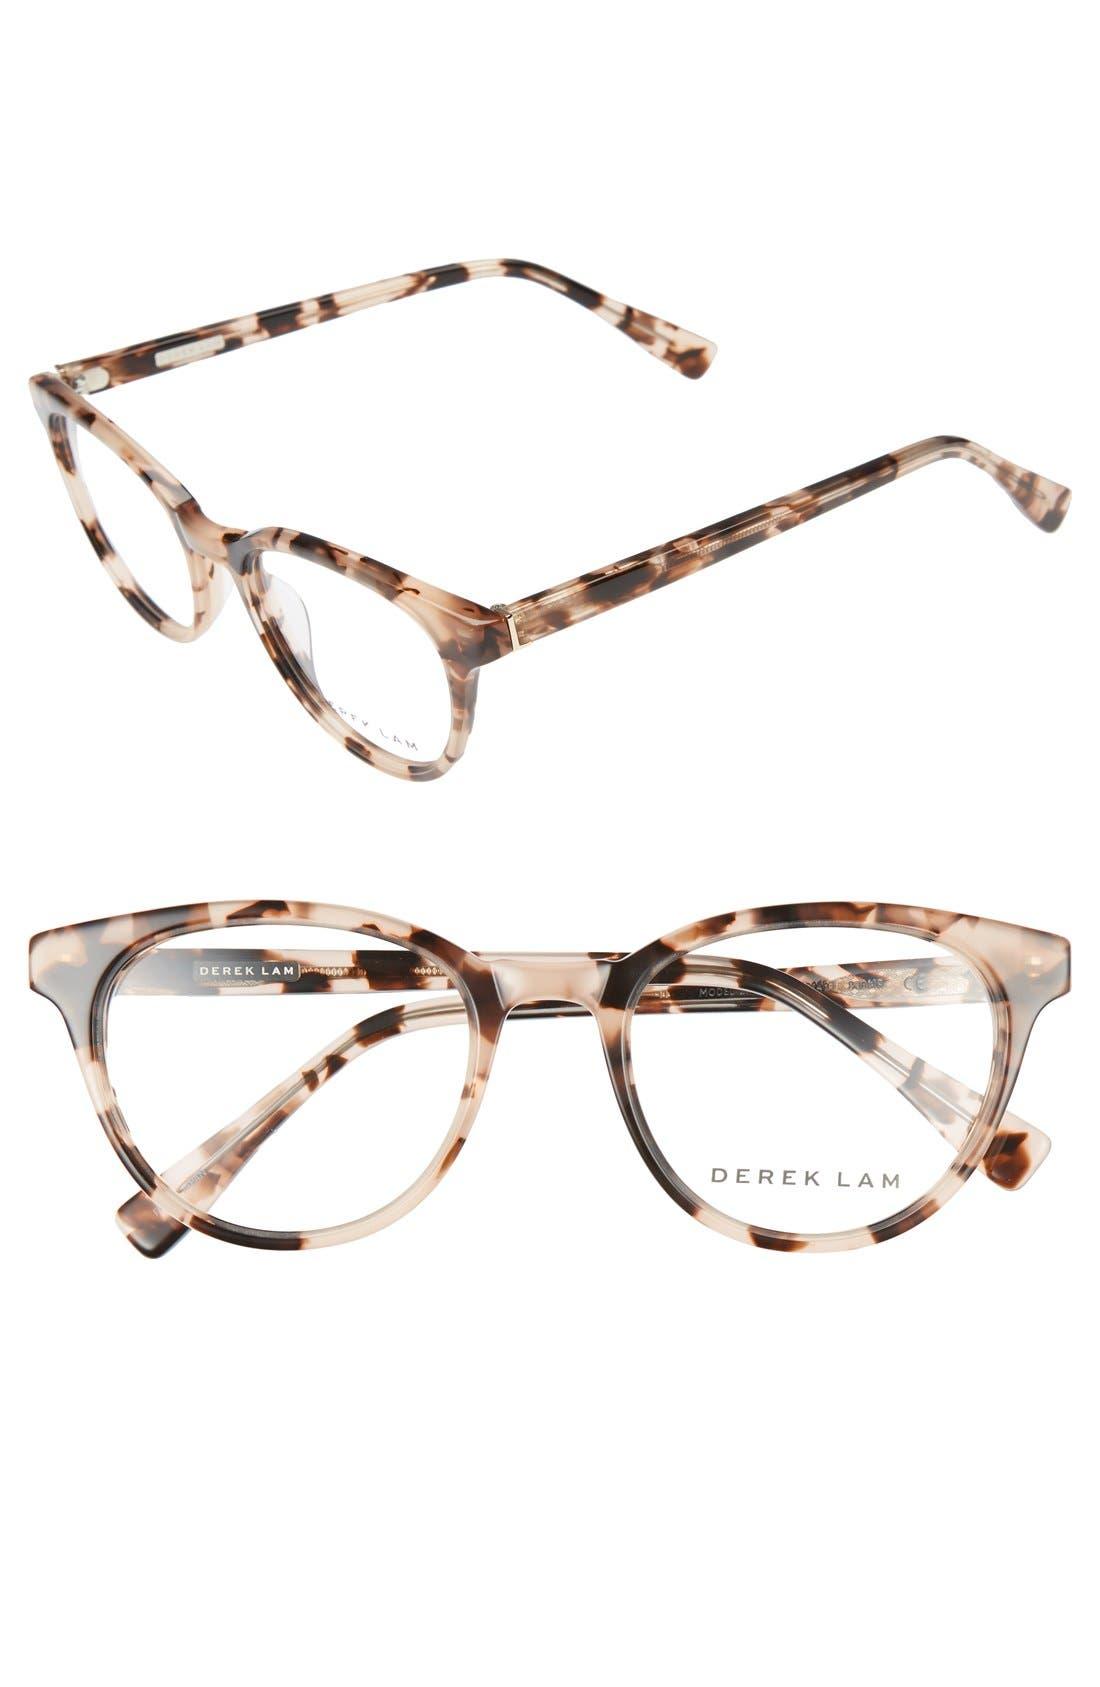 Main Image - Derek Lam 50mm Optical Glasses